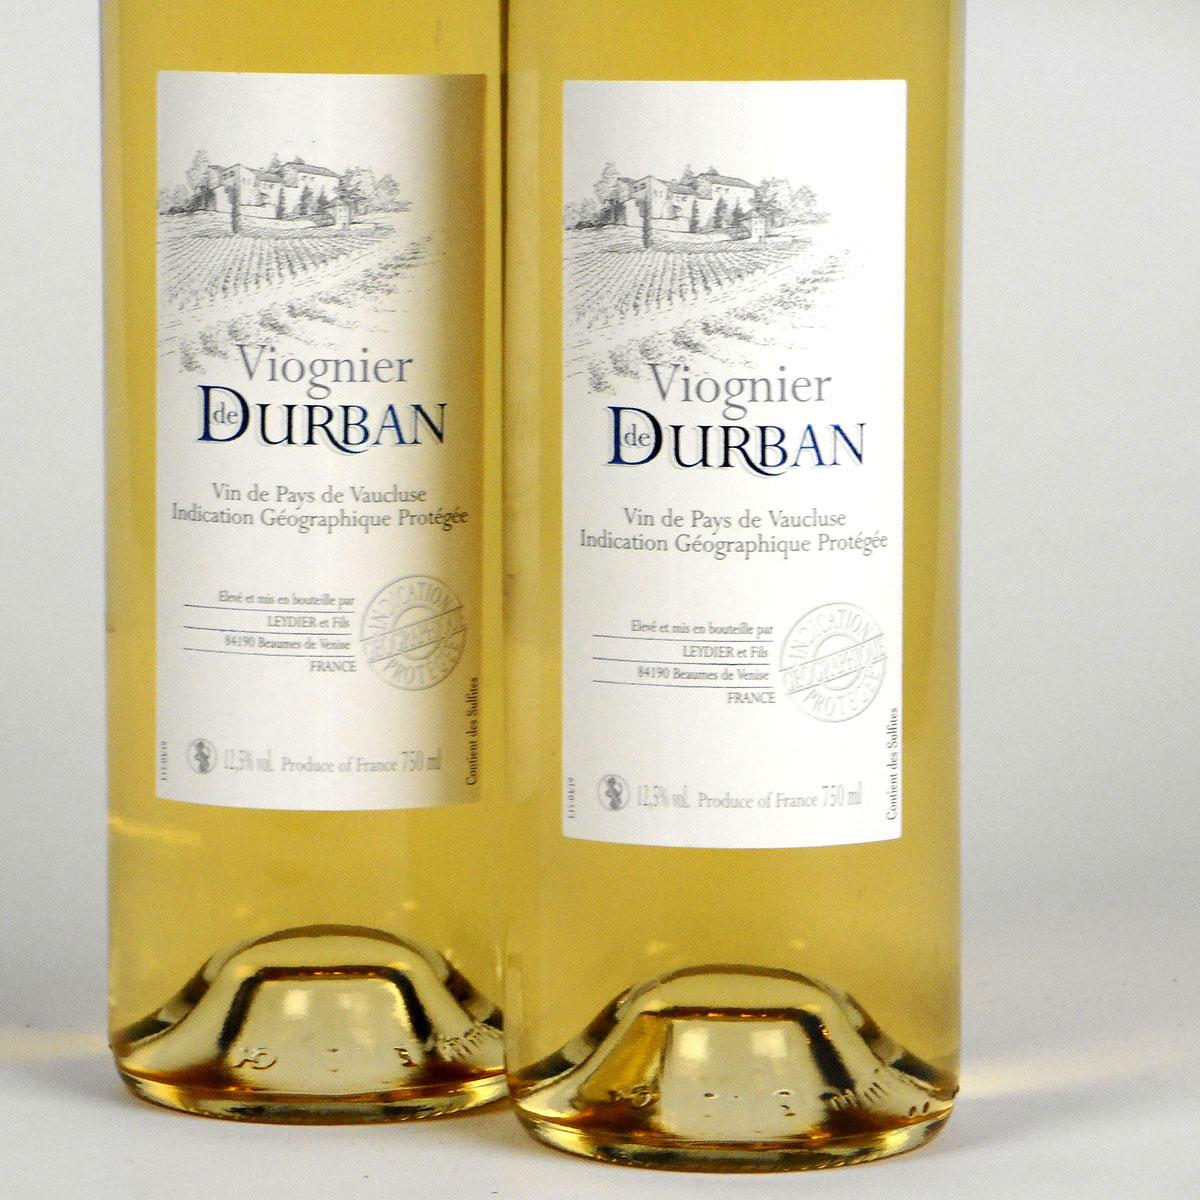 Vin de Pays de Vaucluse: Domaine de Durban Viognier 2019